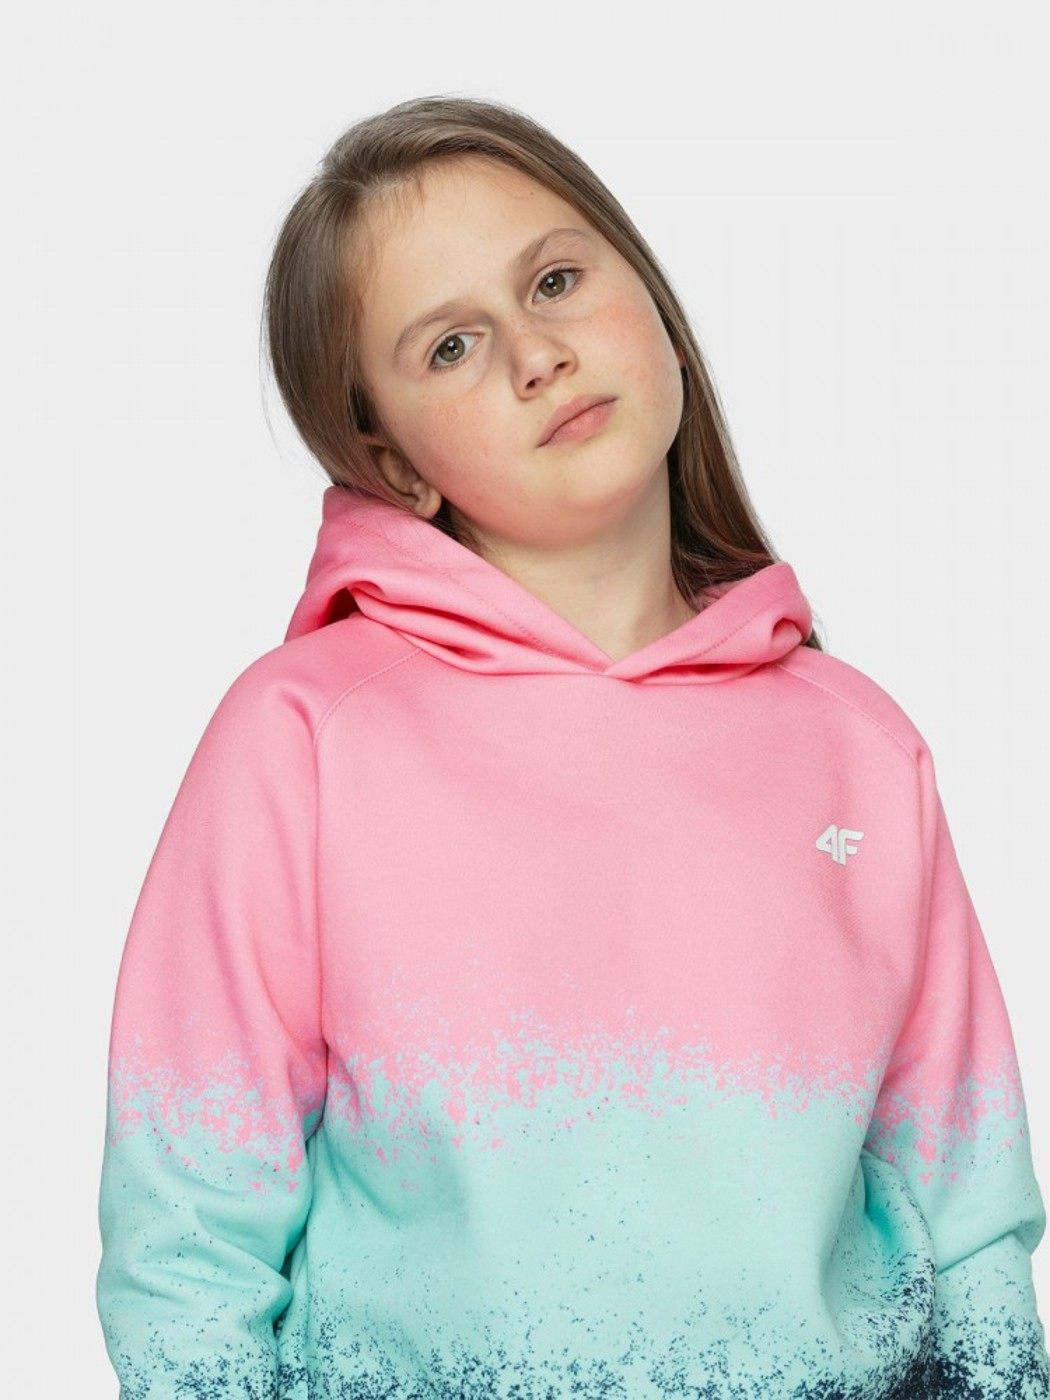 4F GIRL S SWEATSHIRT JBLD003 - Kinder